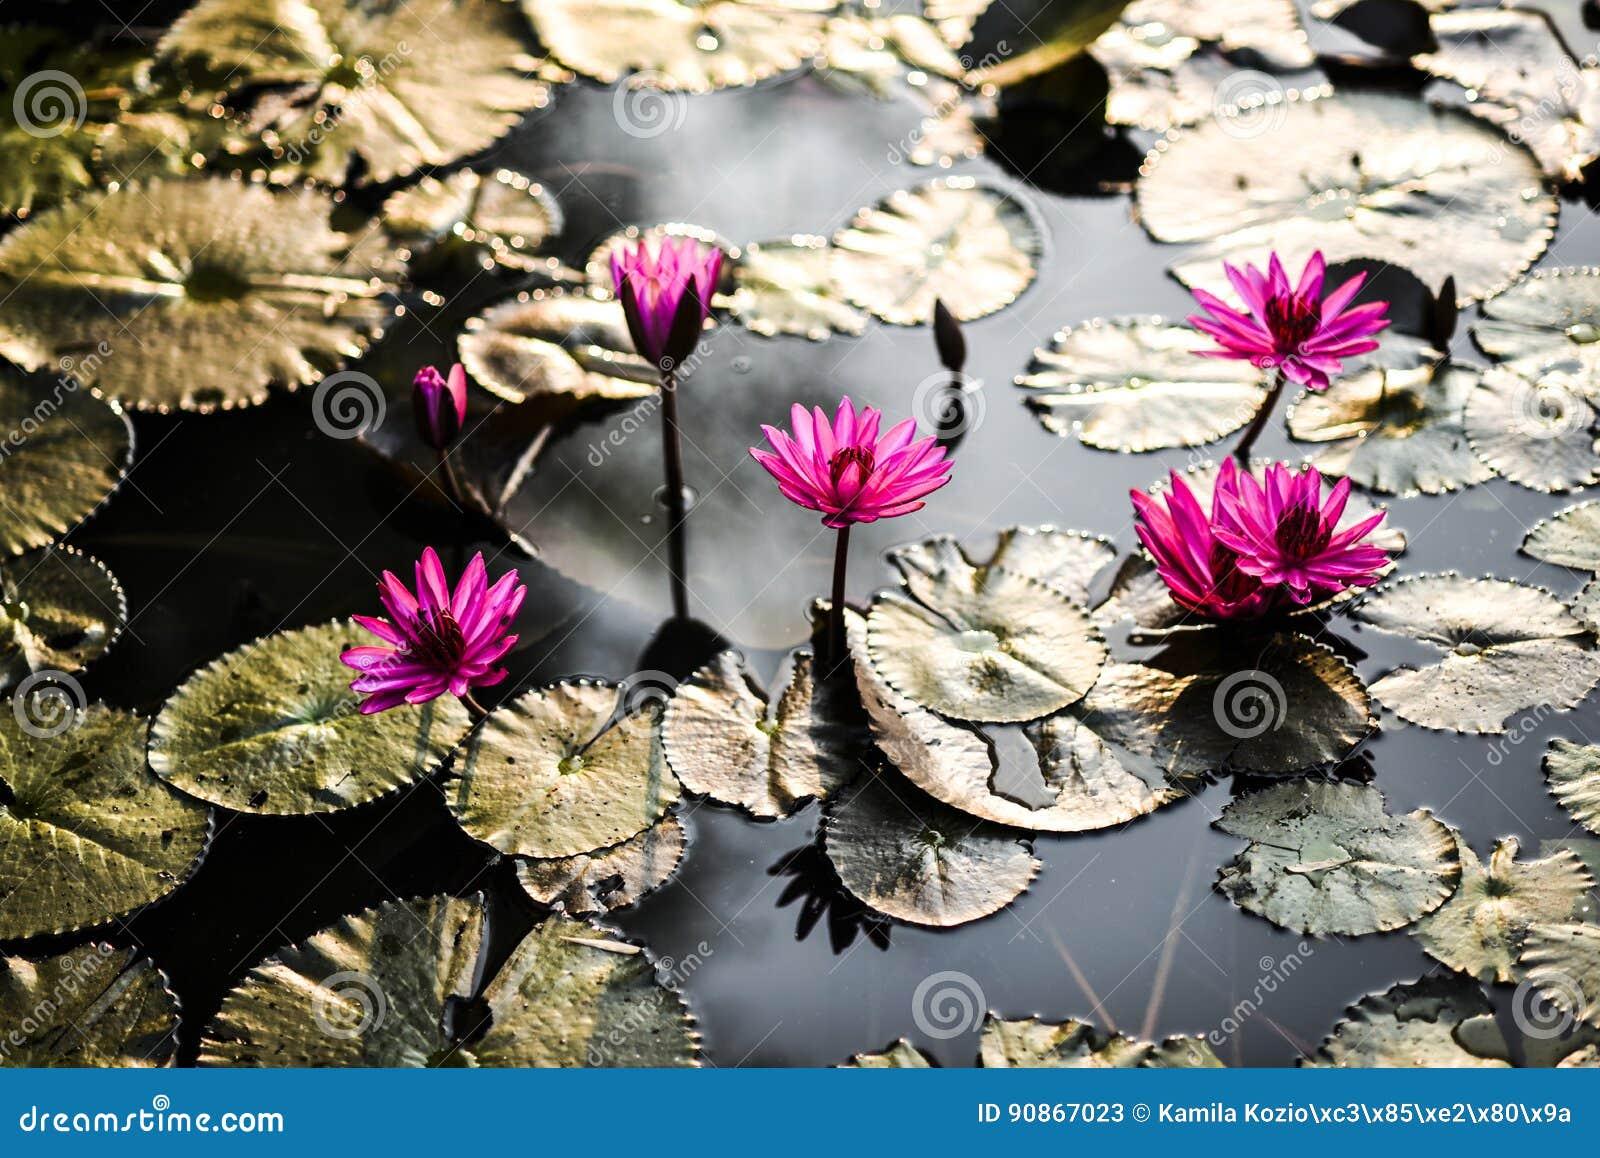 Lotus und waterlilies während des Sonnenuntergangs kambodscha